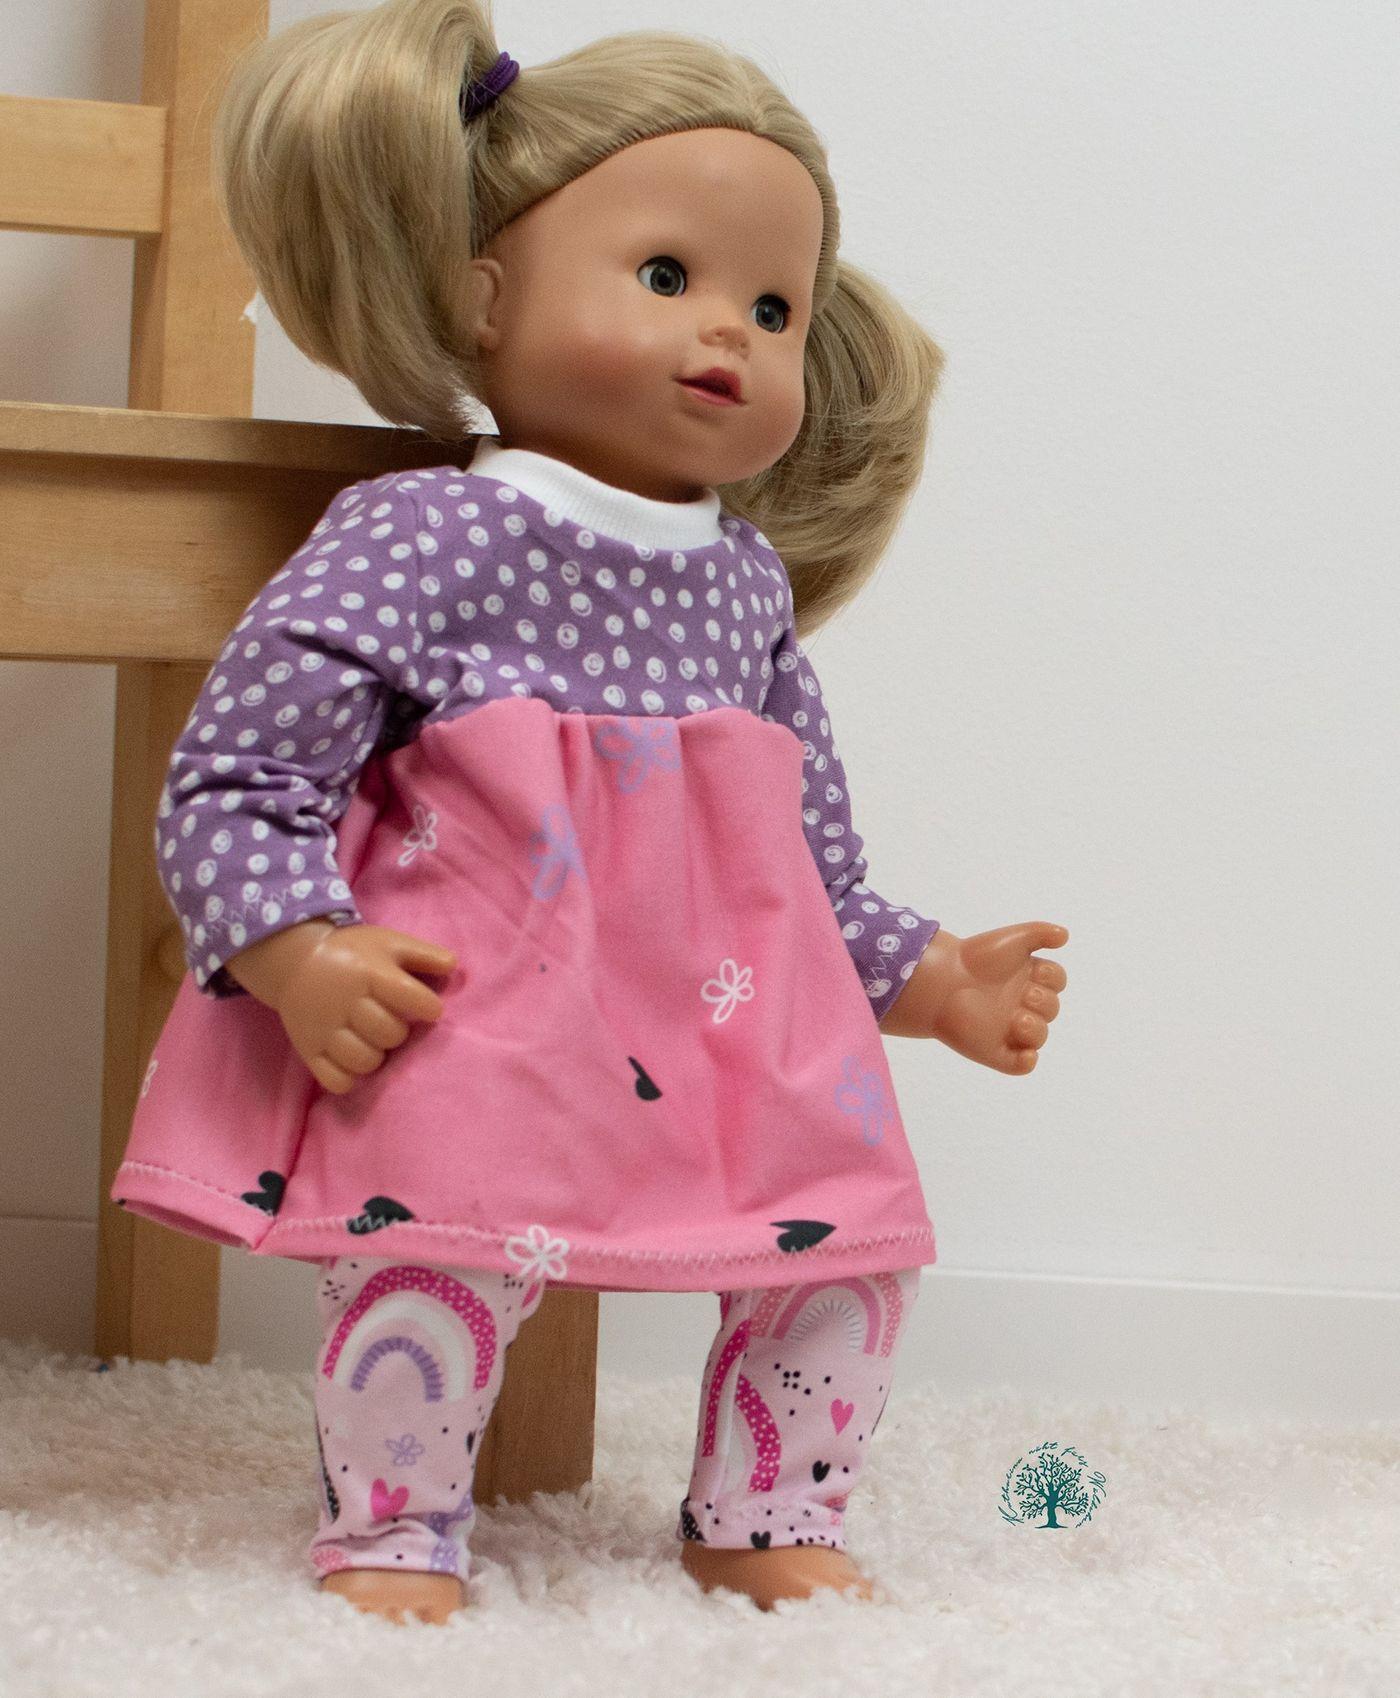 Produktfoto 8 von Happy Pearl für Schnittmuster Little Keyla + Happy Keyla - Tunika und 43cm Puppenschnitt